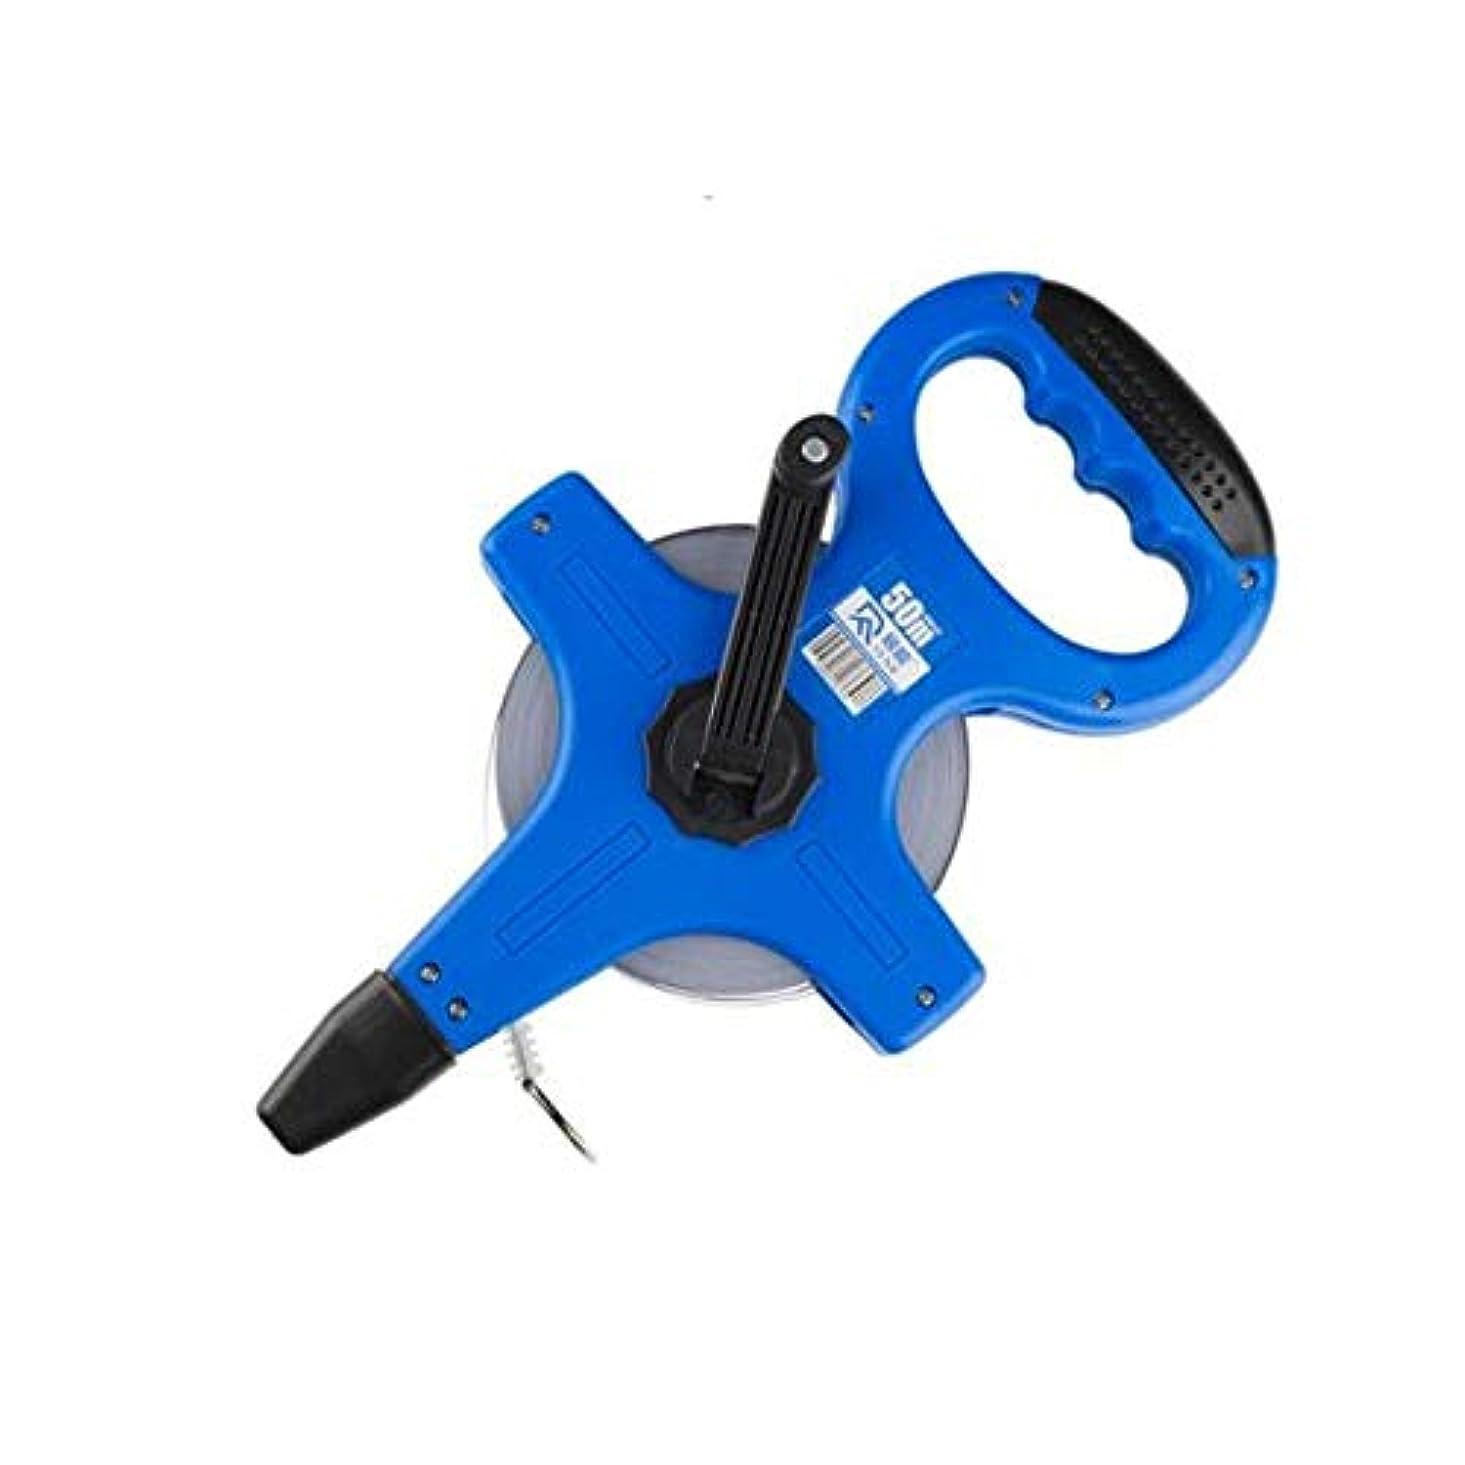 なに寸法誓約NTSM スチールテープメジャー、フレームルーラー、50mポータブルフレームスチールテープメジャー、ロングテープメジャー、エンジニアリングルーラー、測定ルーラー、メータールーラー装飾測定ルーラー (Color : Blue, Size : 50m)